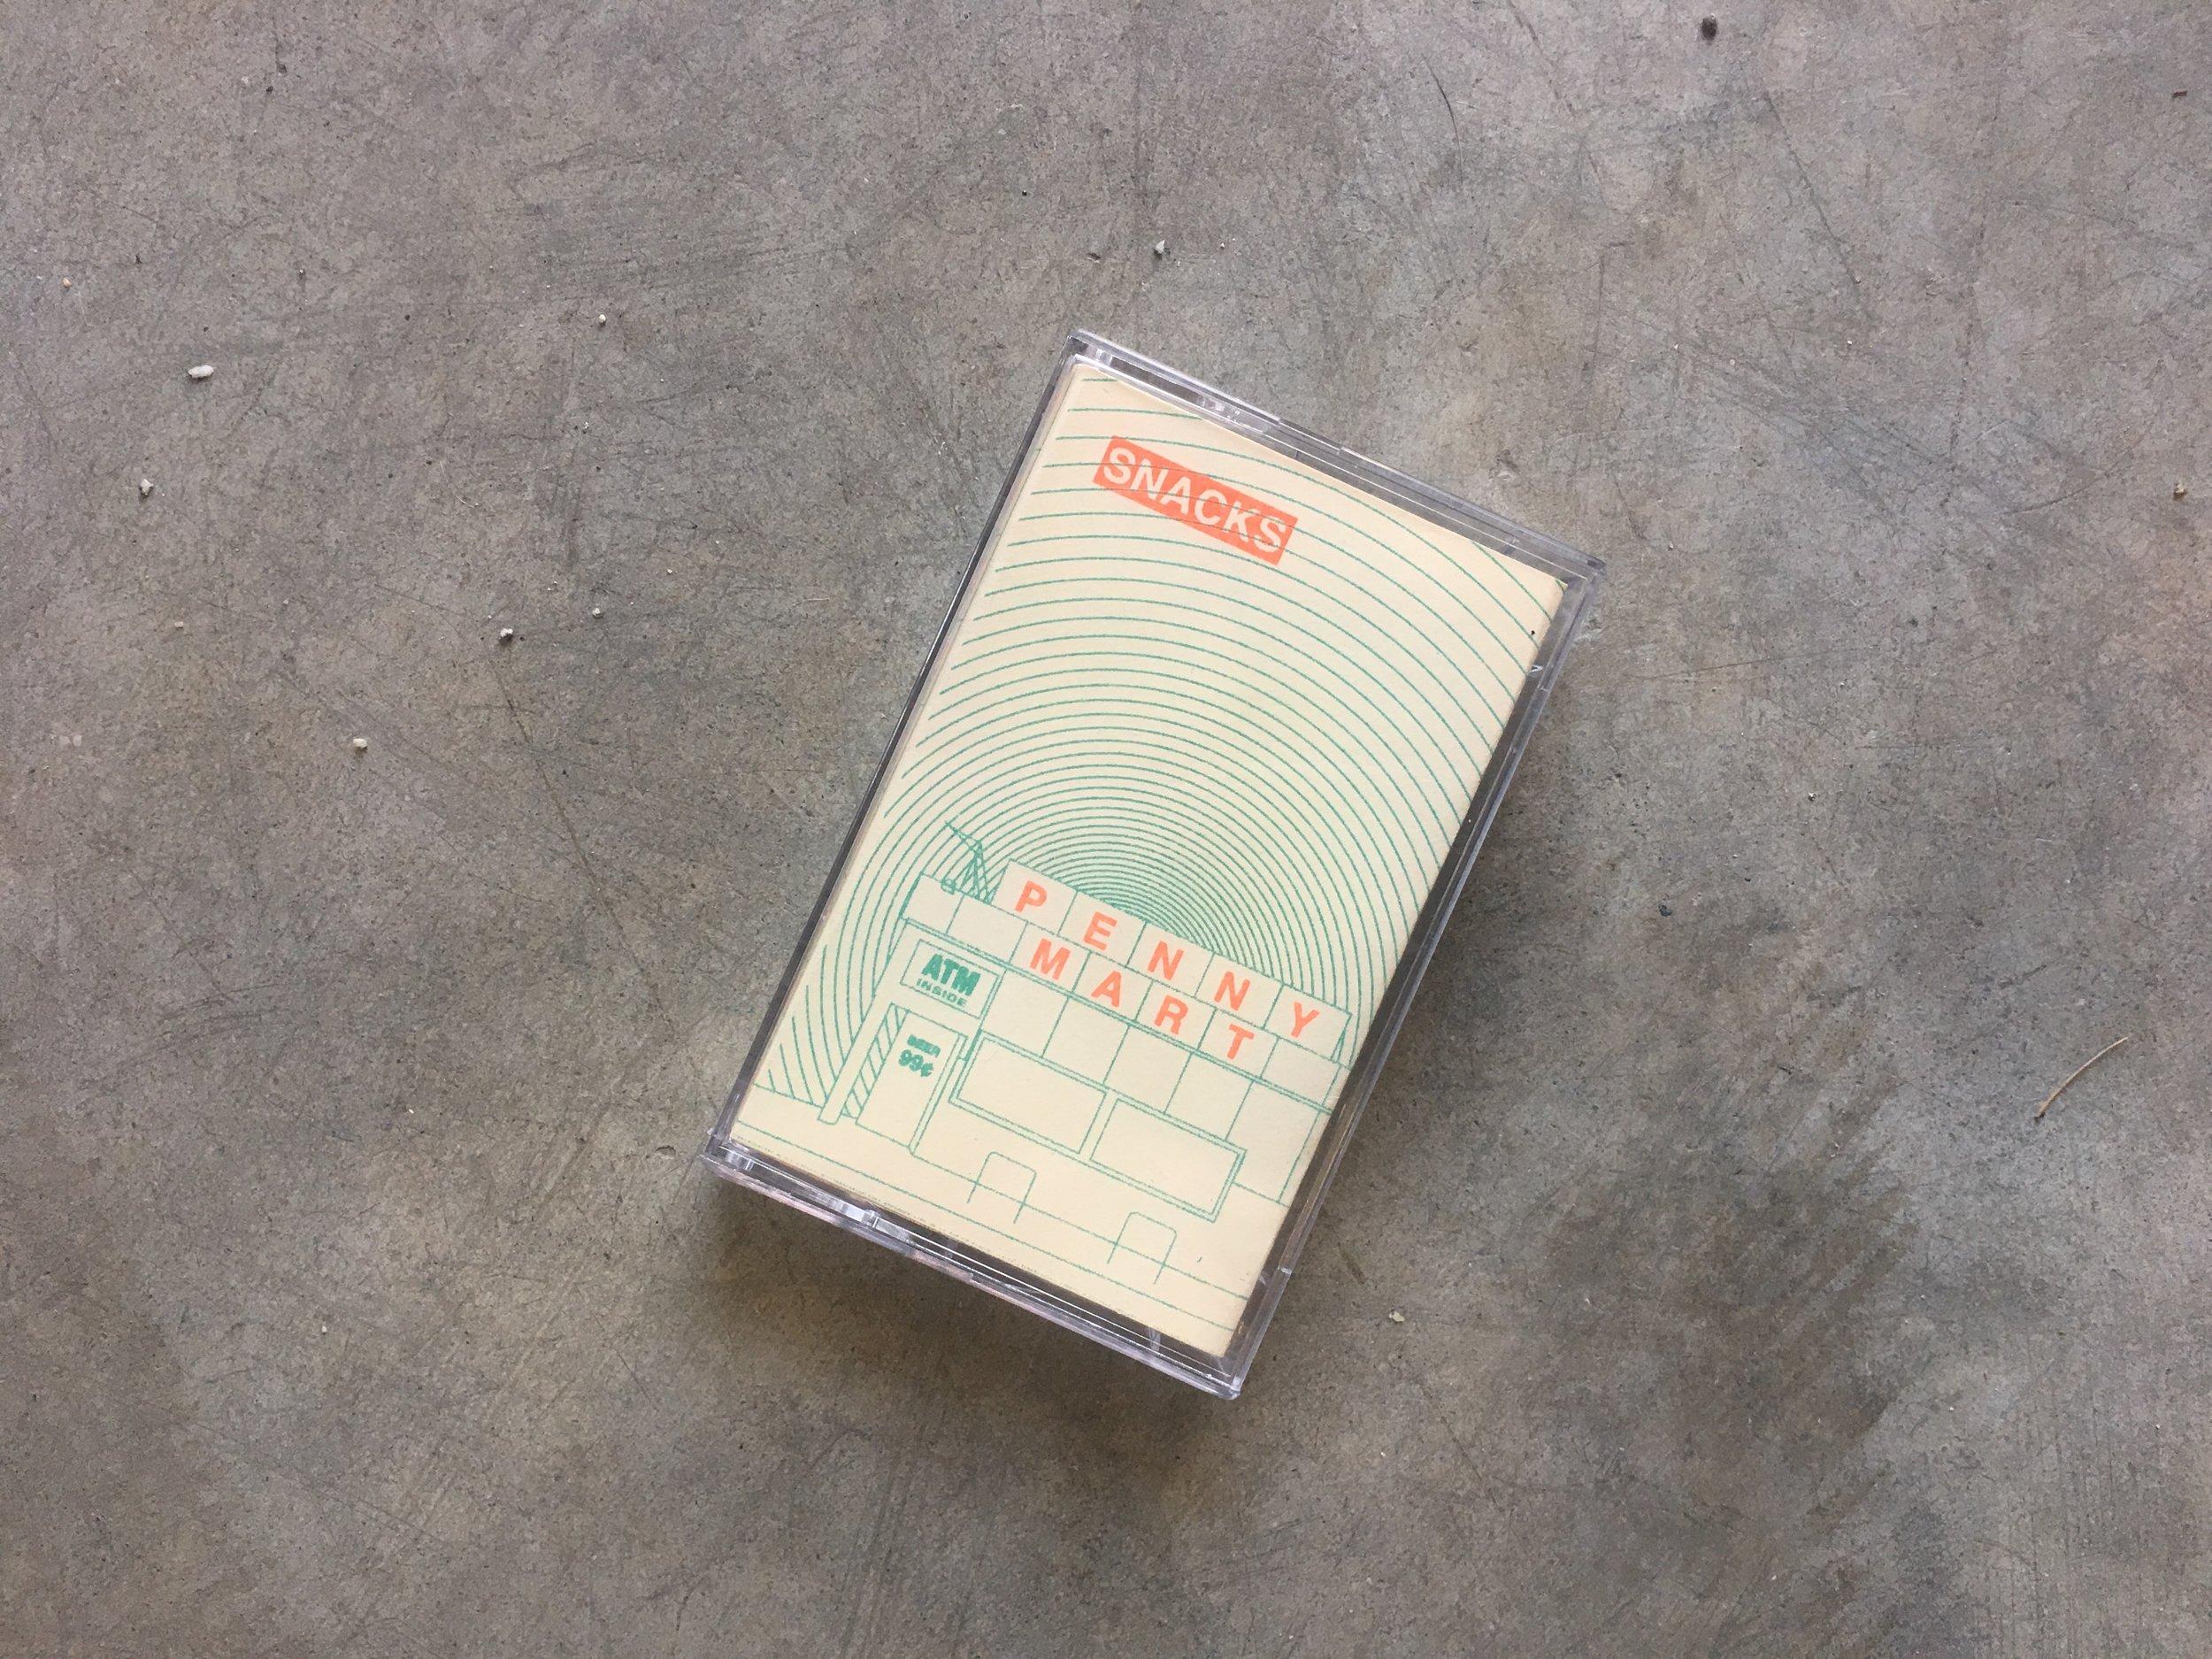 Final Cassette Design